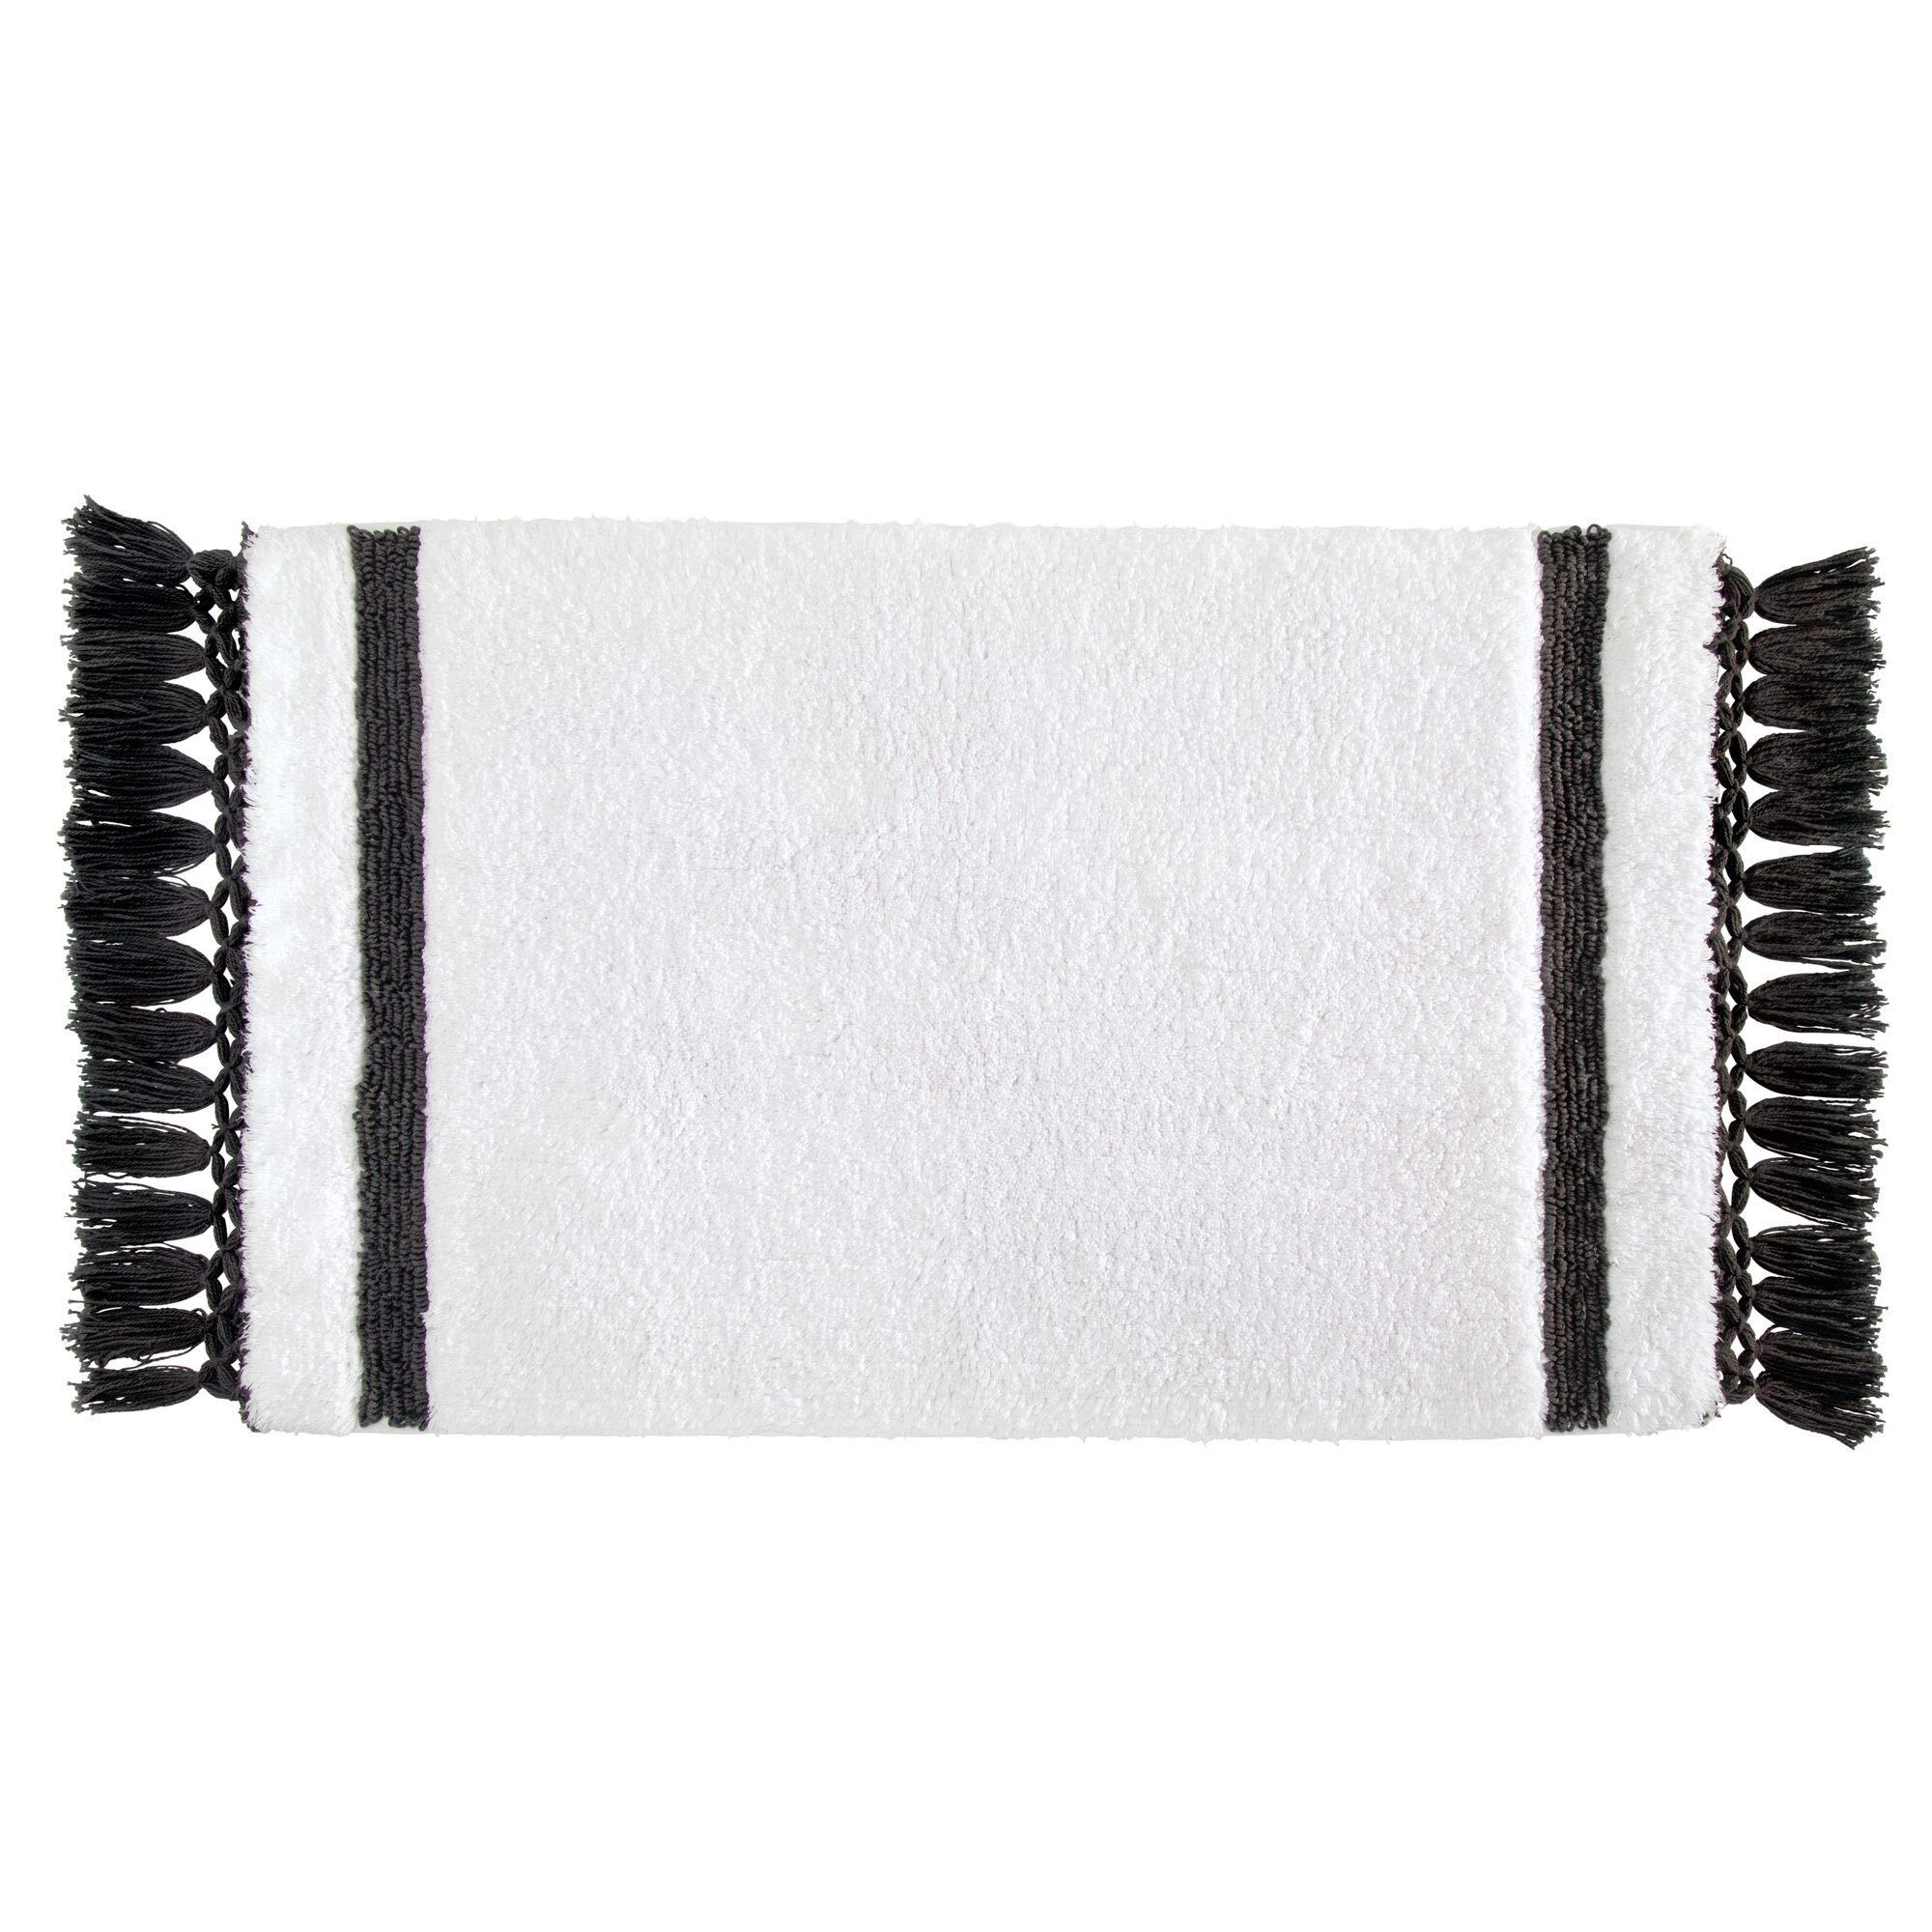 iDesign Stripe Fringe Alfombrilla de baño Suave, Alfombra Rectangular de algodón, Blanco y Gris Antracita, 53,3 cm x 86,4 cm: Amazon.es: Hogar